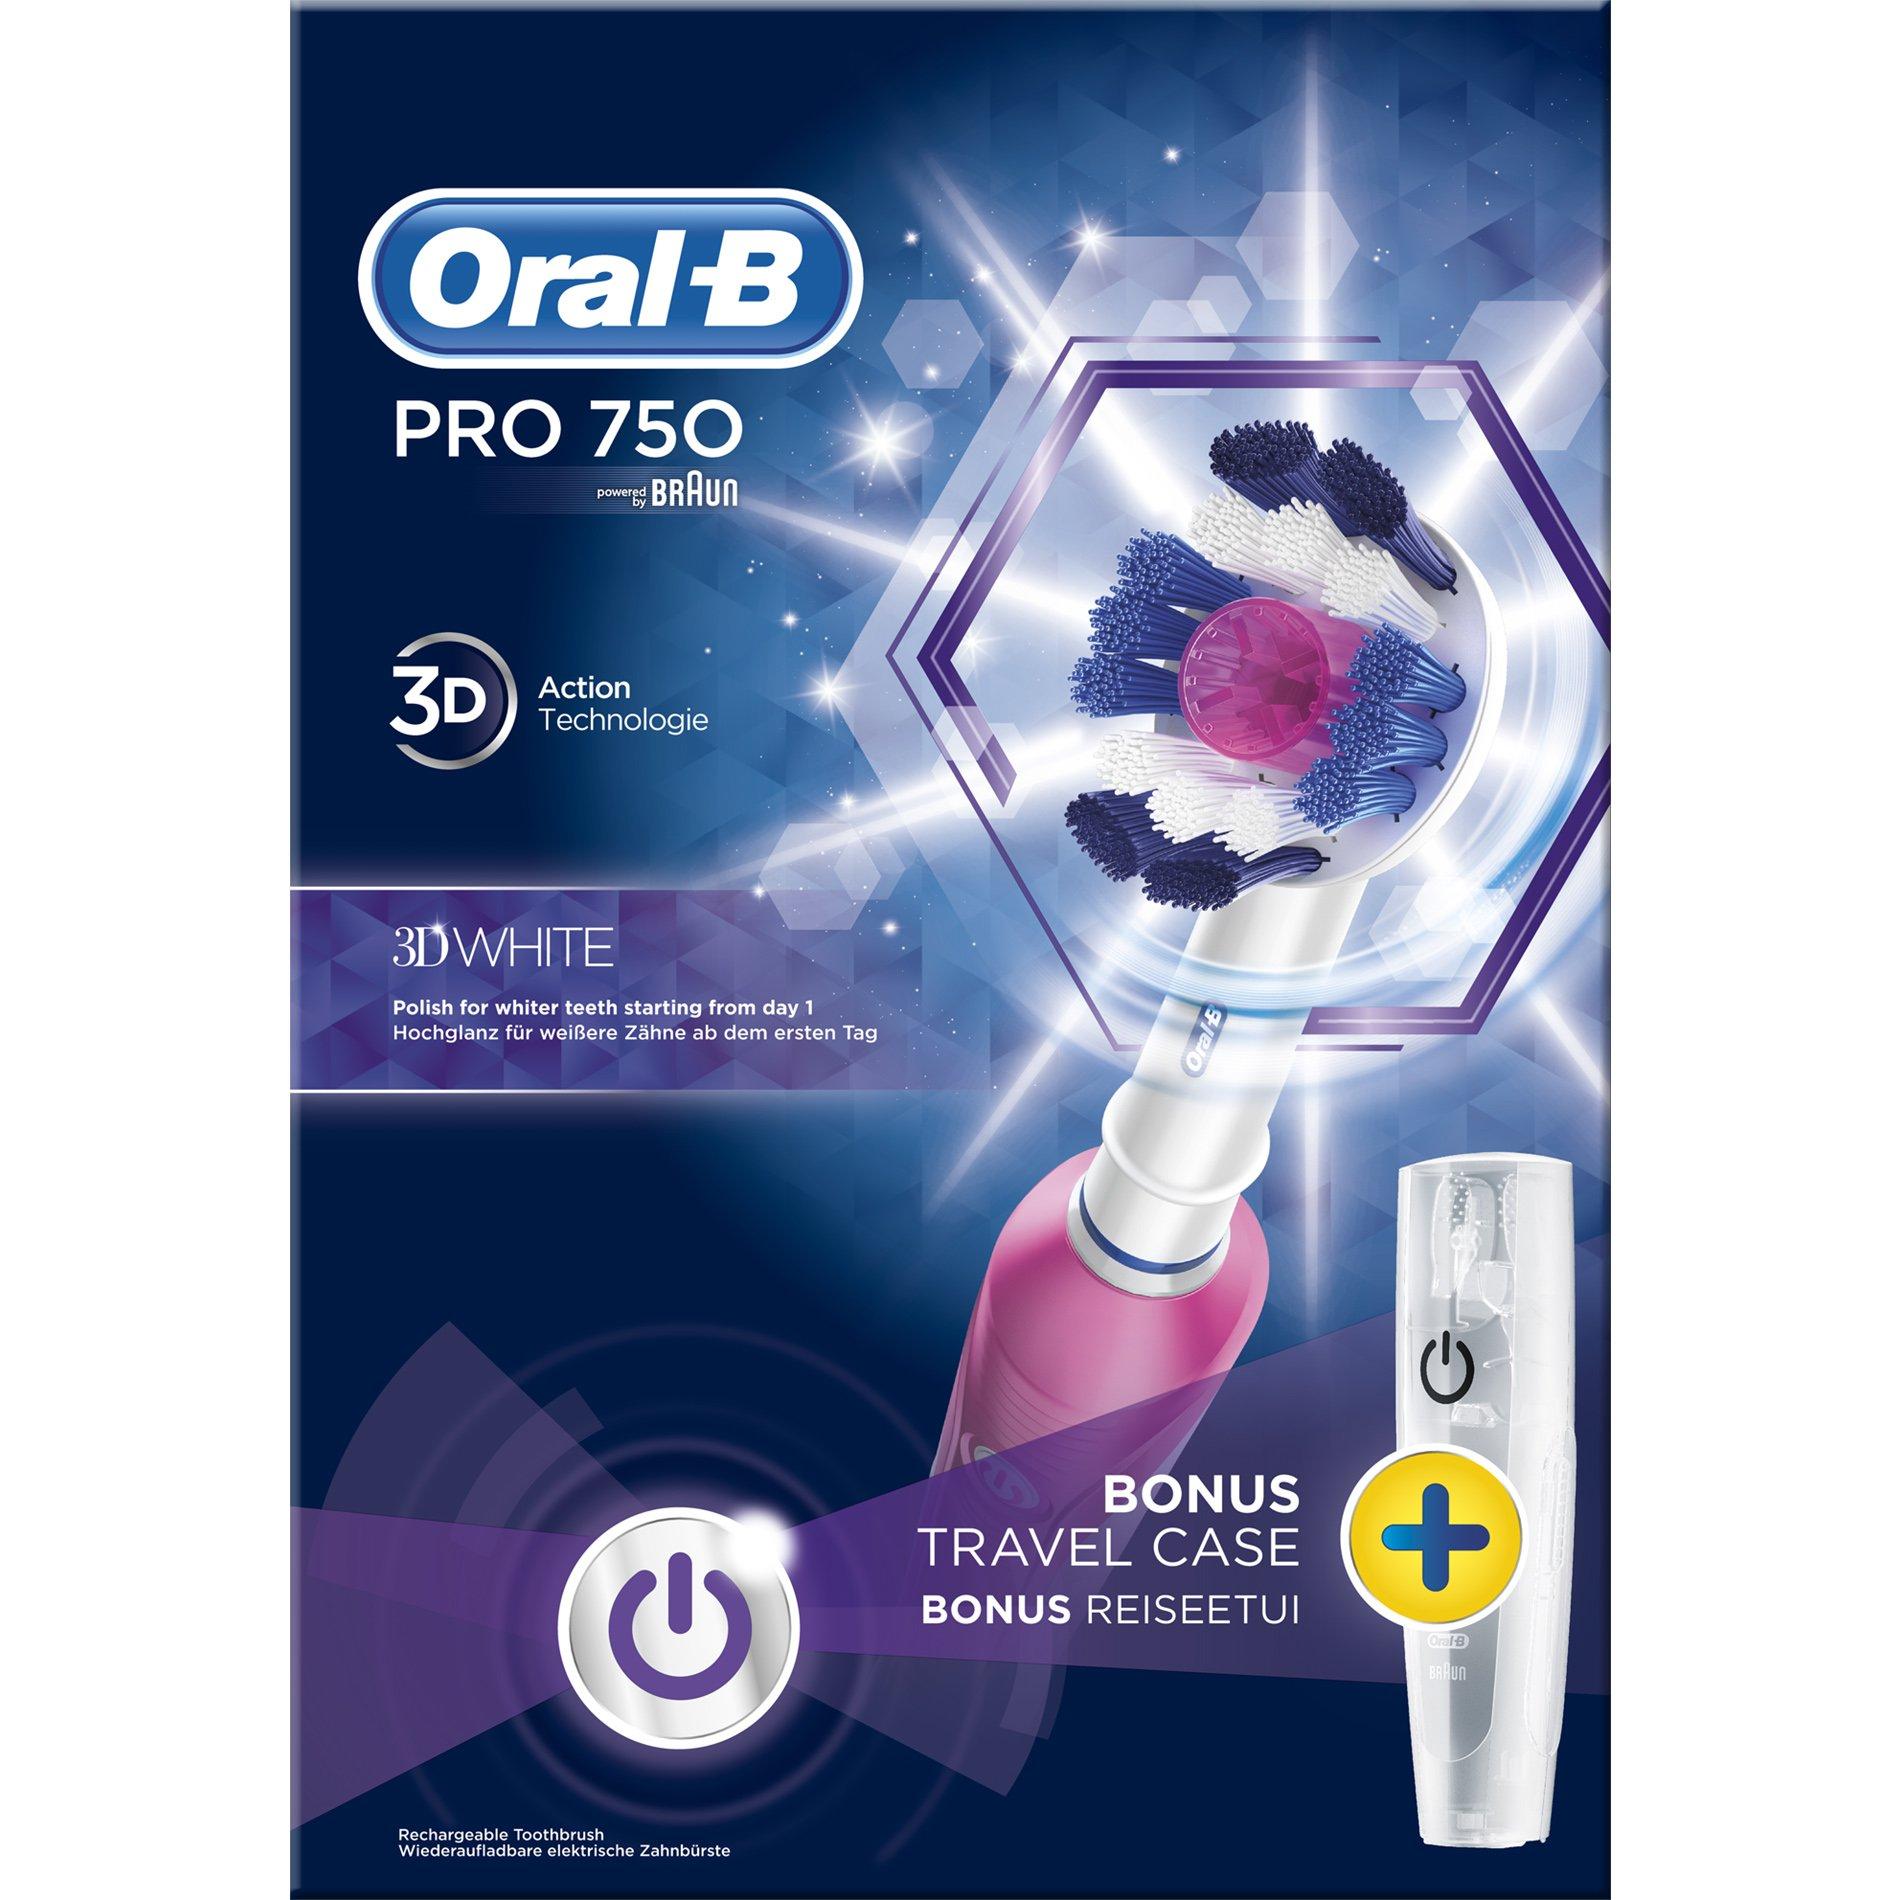 Oral-B Pro 750 3D WhiteSpecial EditionΗλεκτρική Οδοντόβουρτσα για Βαθύ Καθαρ υγιεινή   στοματική υγιεινή   ηλεκτρικές οδοντόβουρτσες και ανταλλακτικά